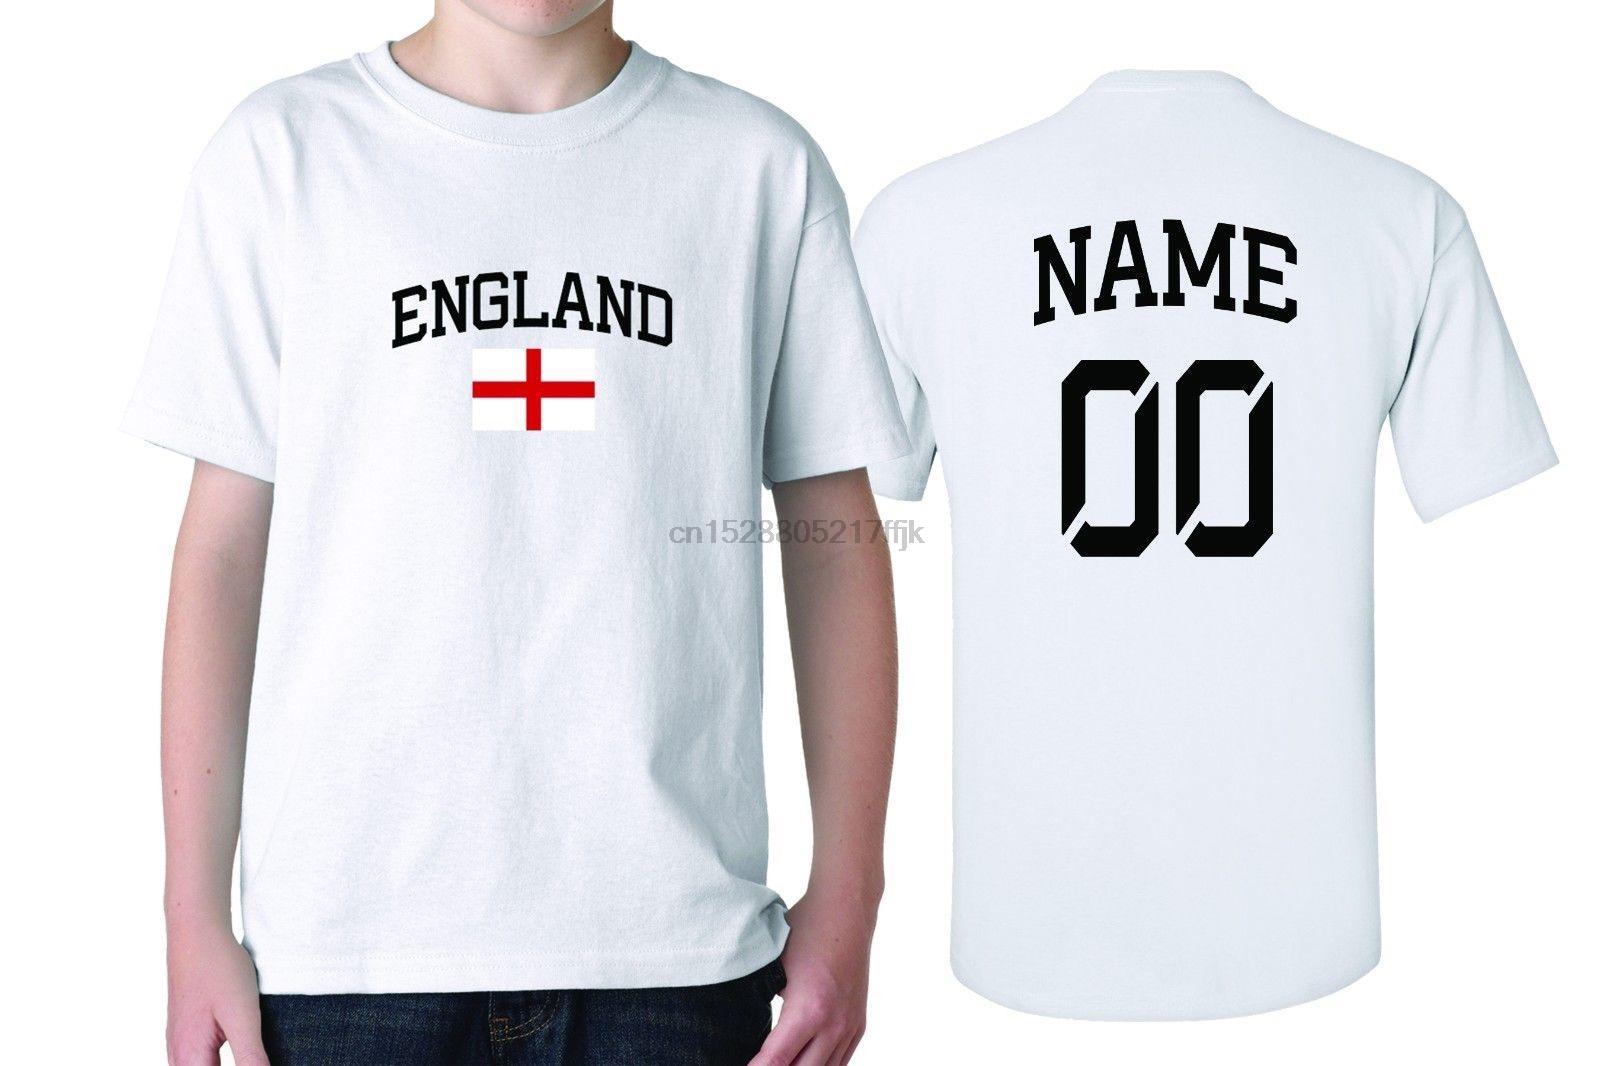 Erkekler Tees 2020 Yaz Moda Yeni O-Boyun Tee Gömlek İngiltere Tee Gömlek Bayrak Tişörtlü Ülke Tişörtlü Toptan Tops